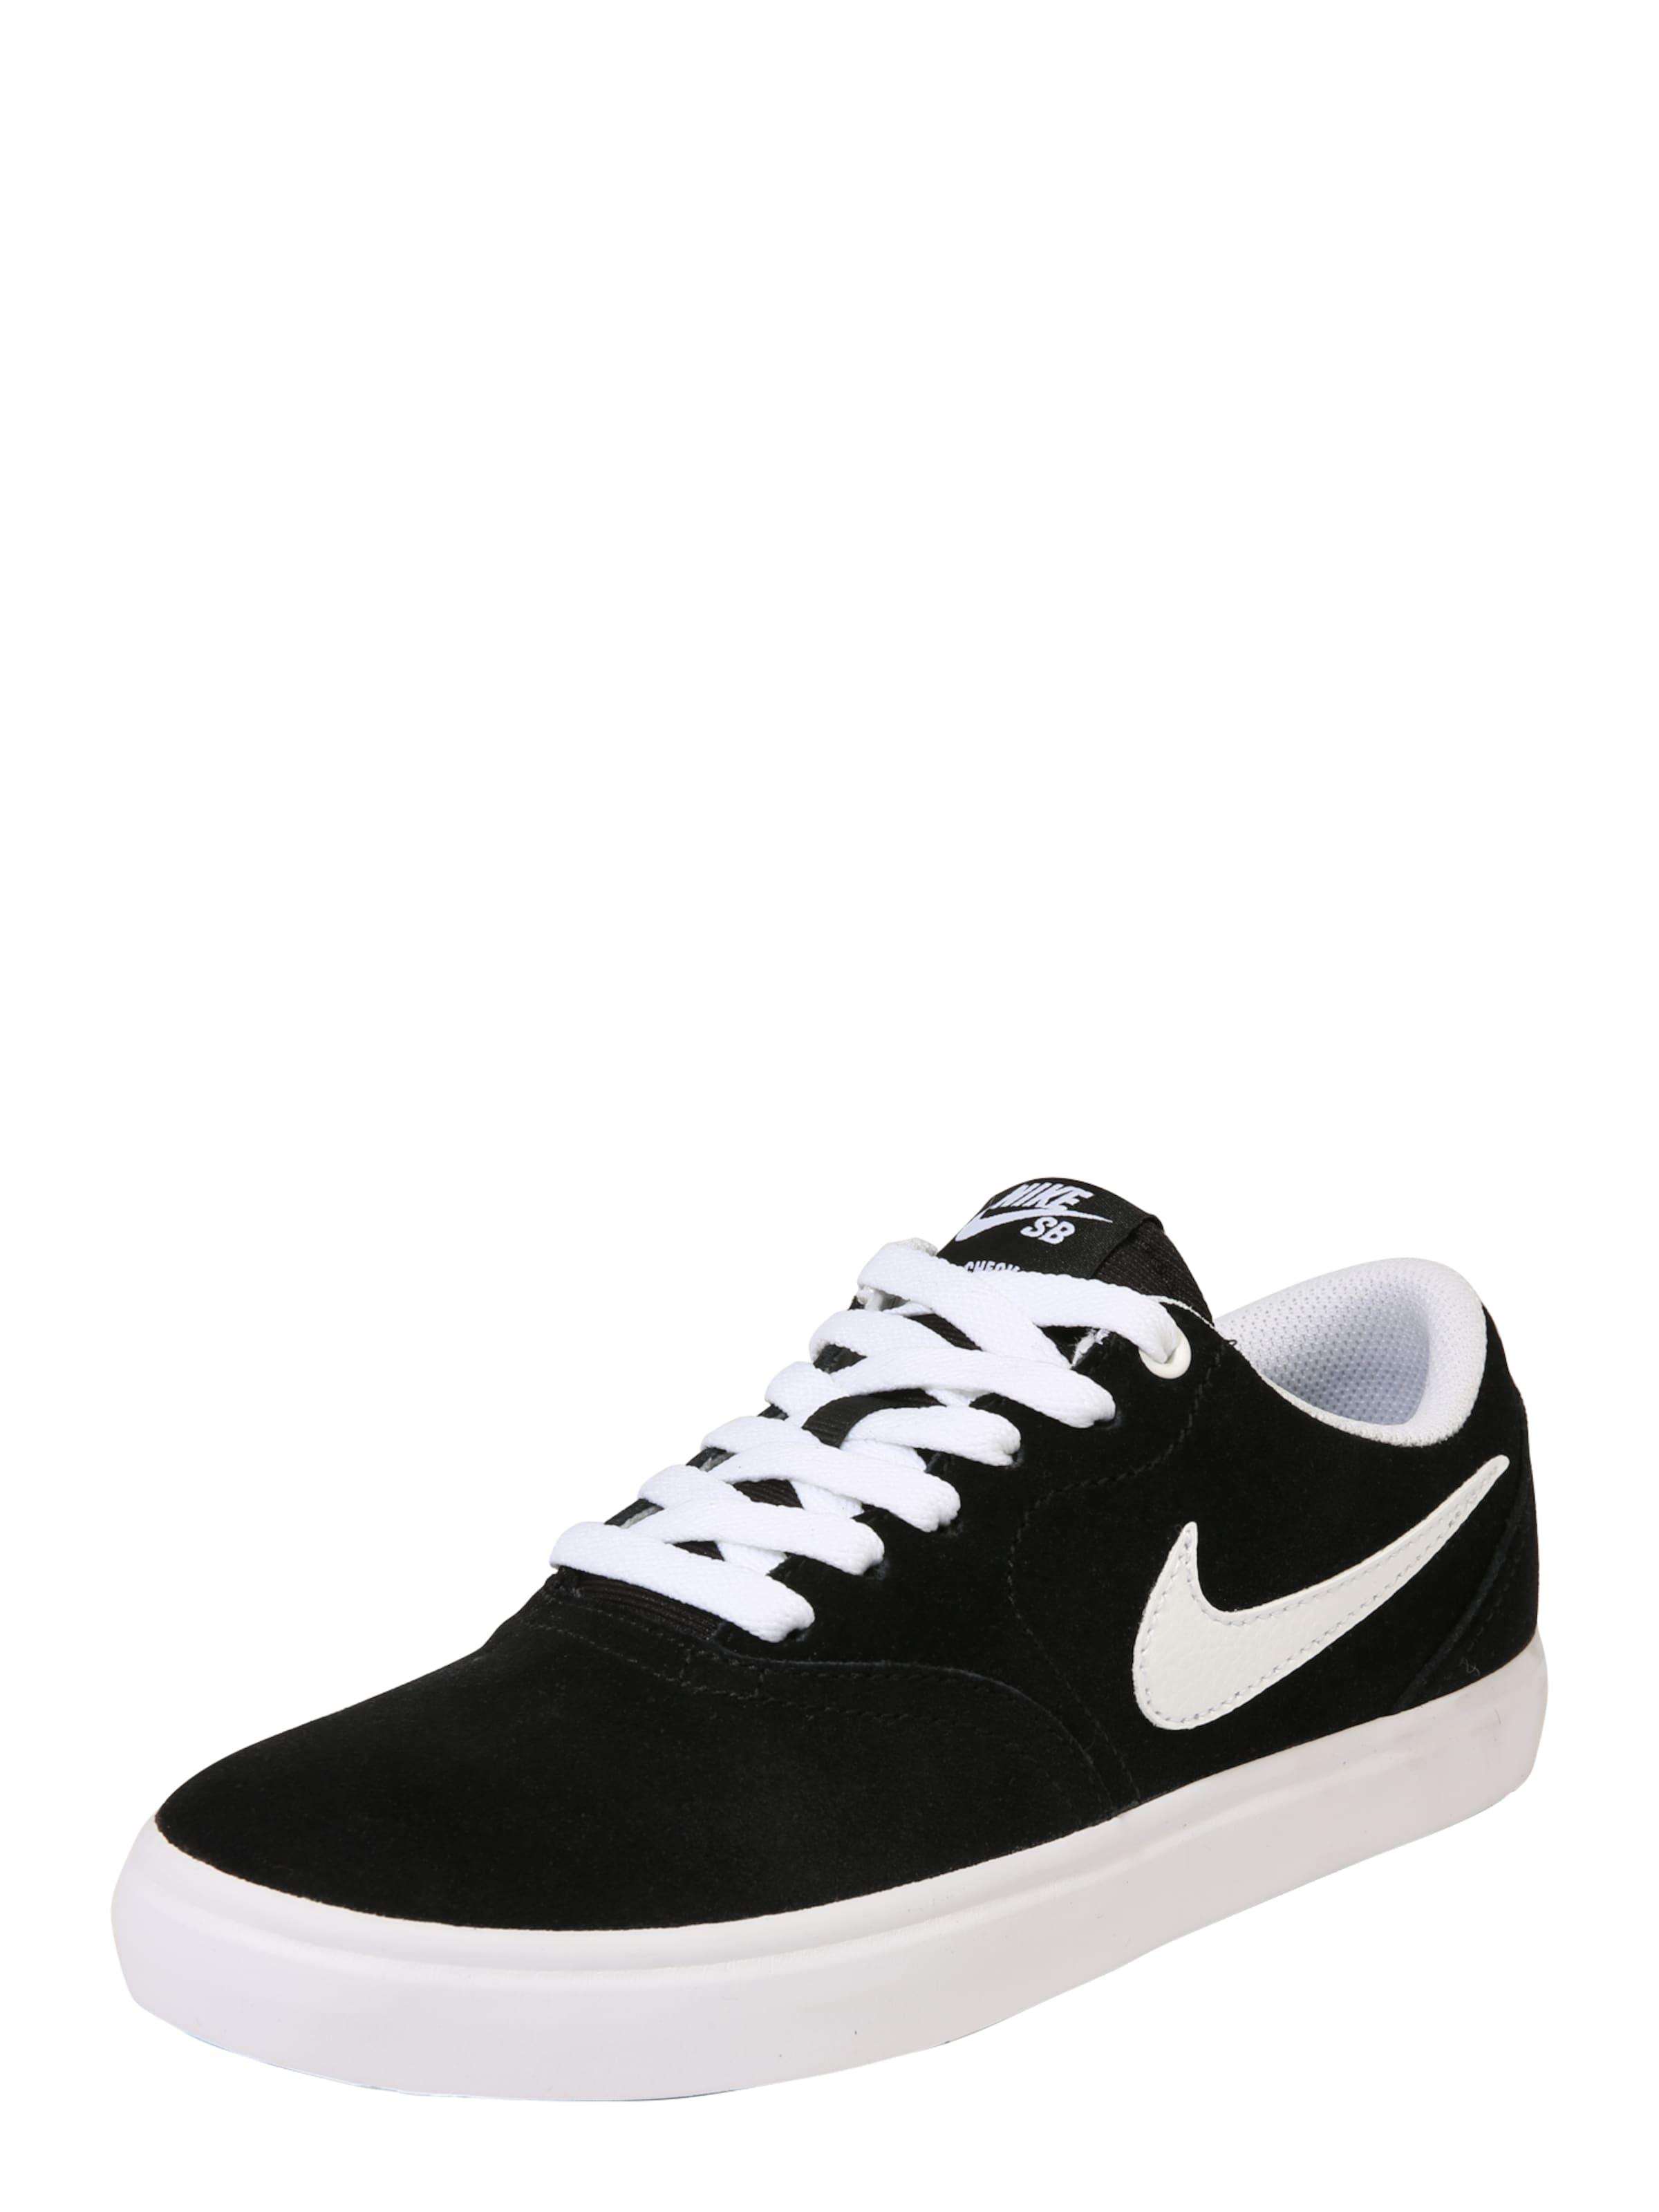 In Sb SchwarzWeiß Nike Sneaker 'check Solar' c4jAR53LqS